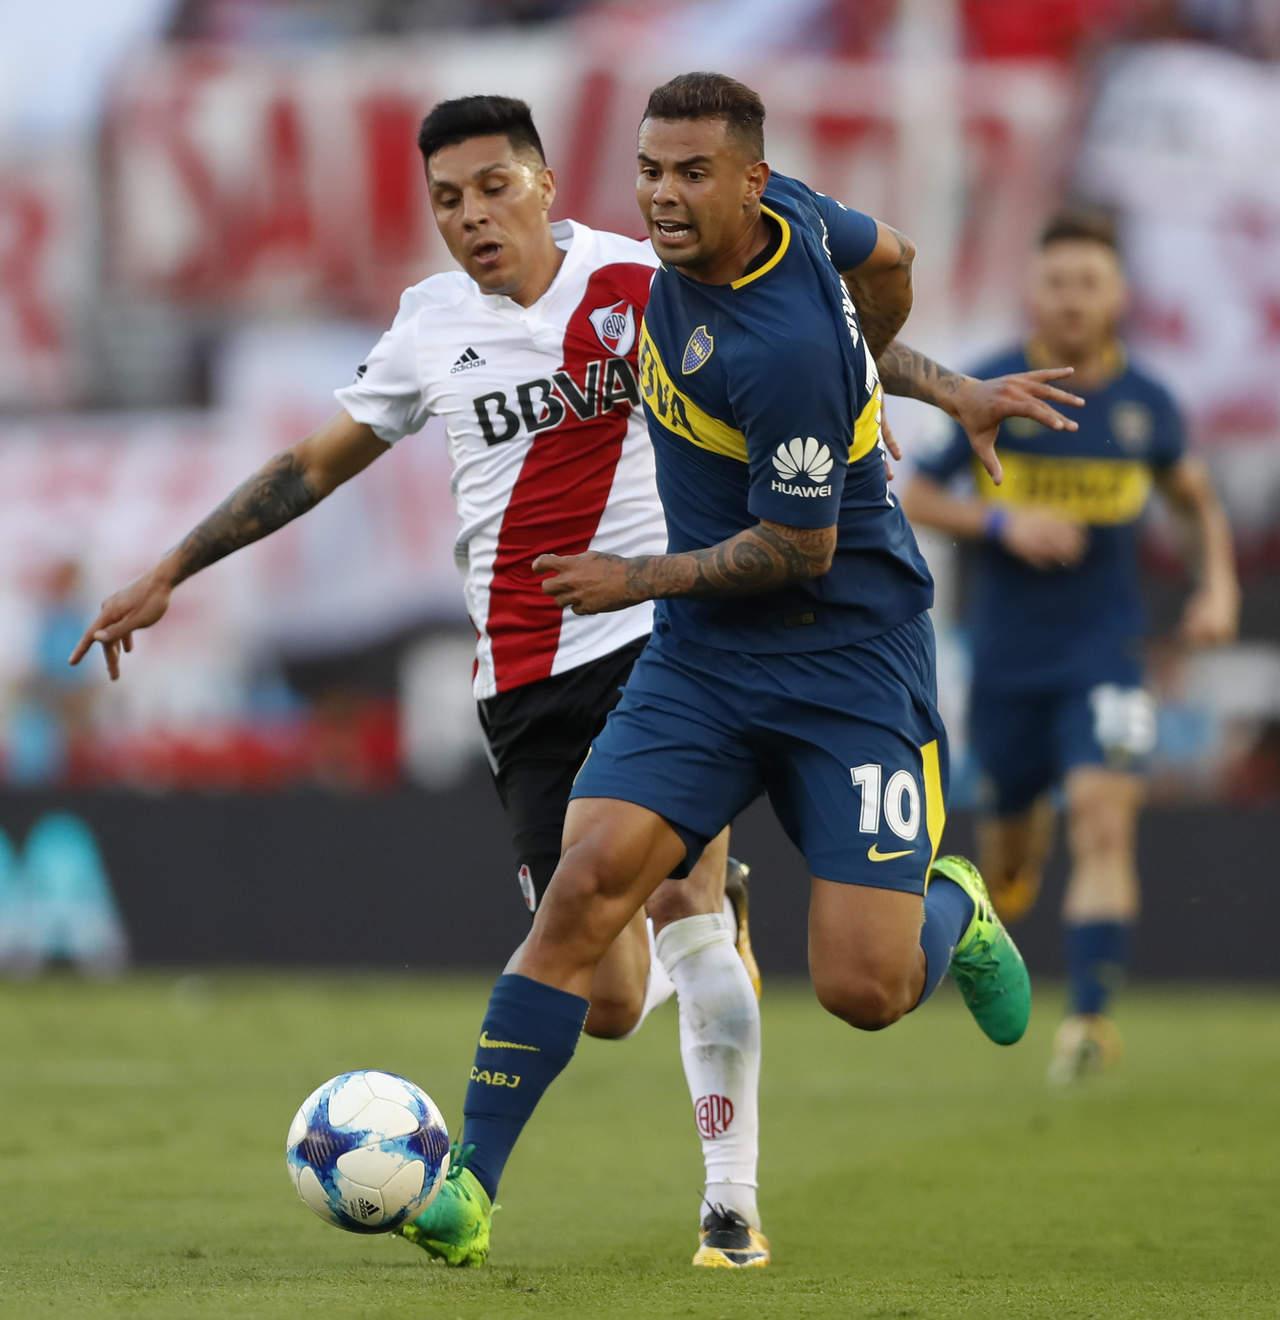 Boca y River disputarán la Supercopa Argentina. Noticias en tiempo real